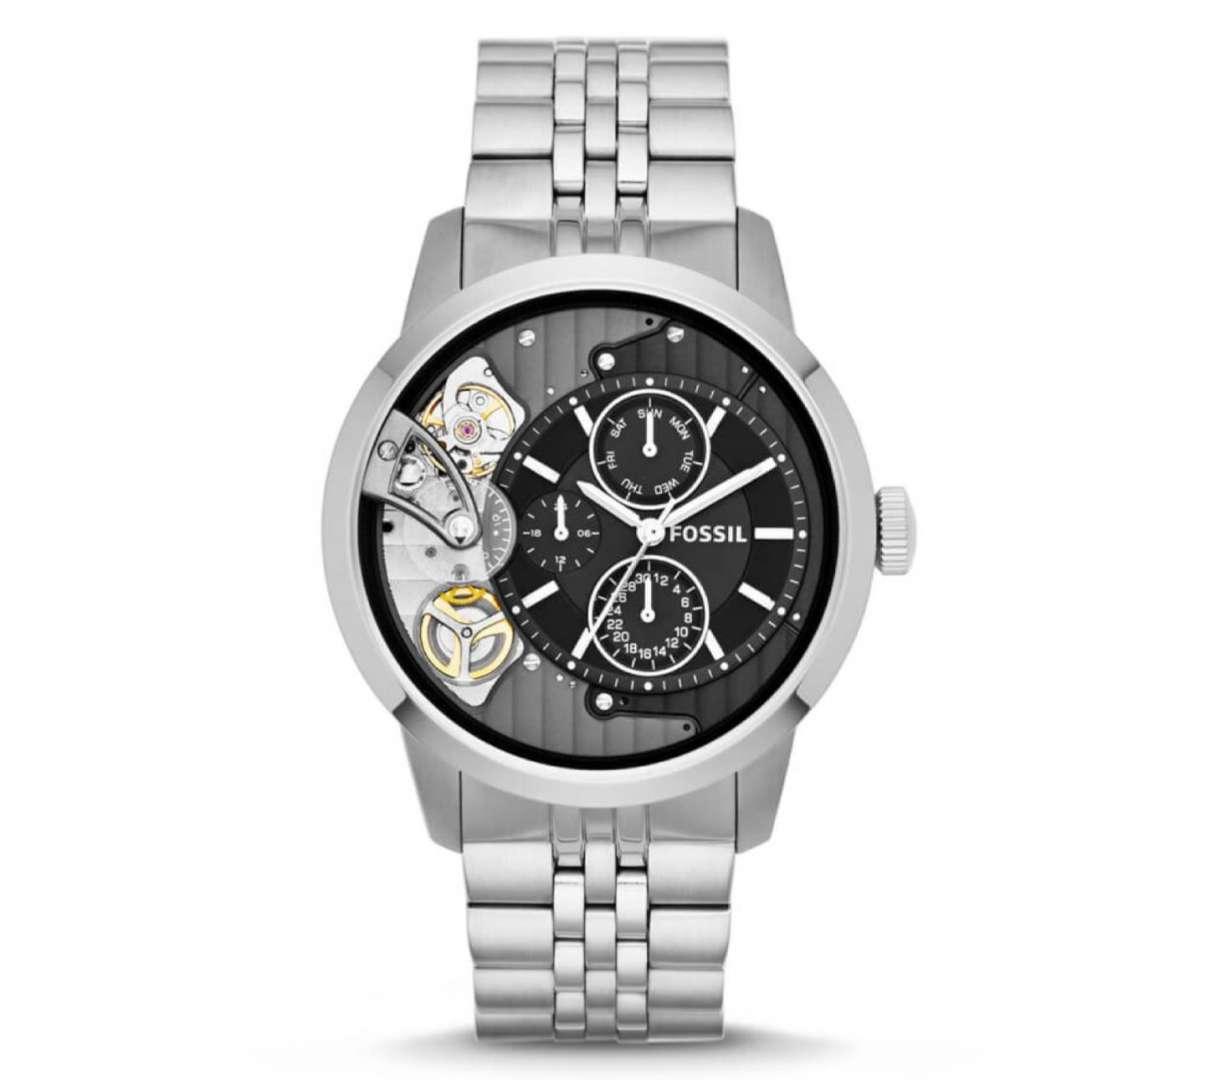 שעון יד אנלוגי fossil me1135 פוסיל